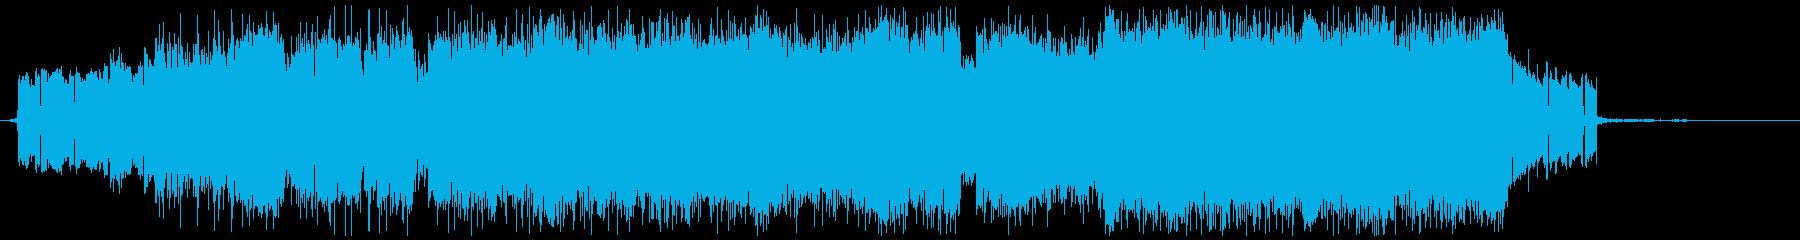 スローブルーの再生済みの波形